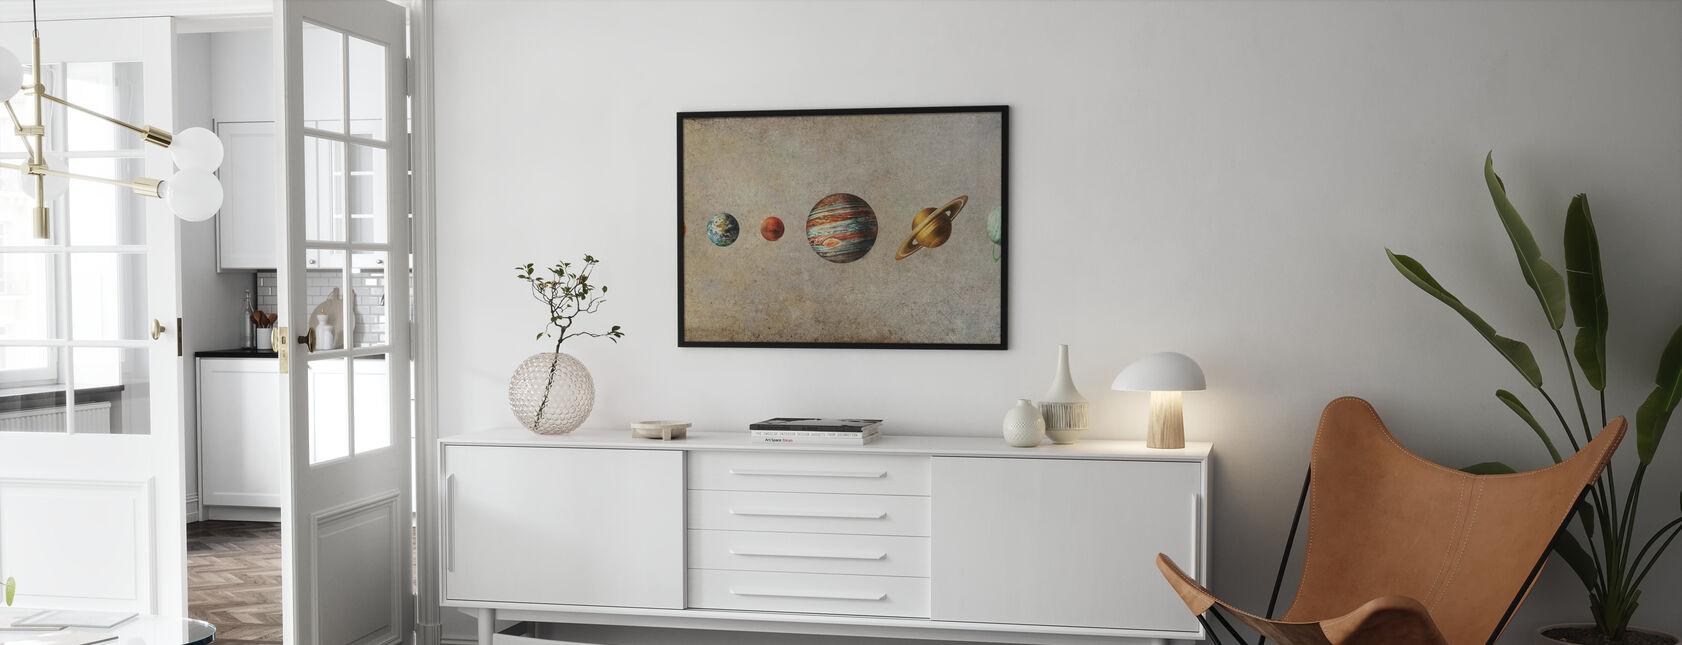 Sonnensystem - Sepia - Poster - Wohnzimmer